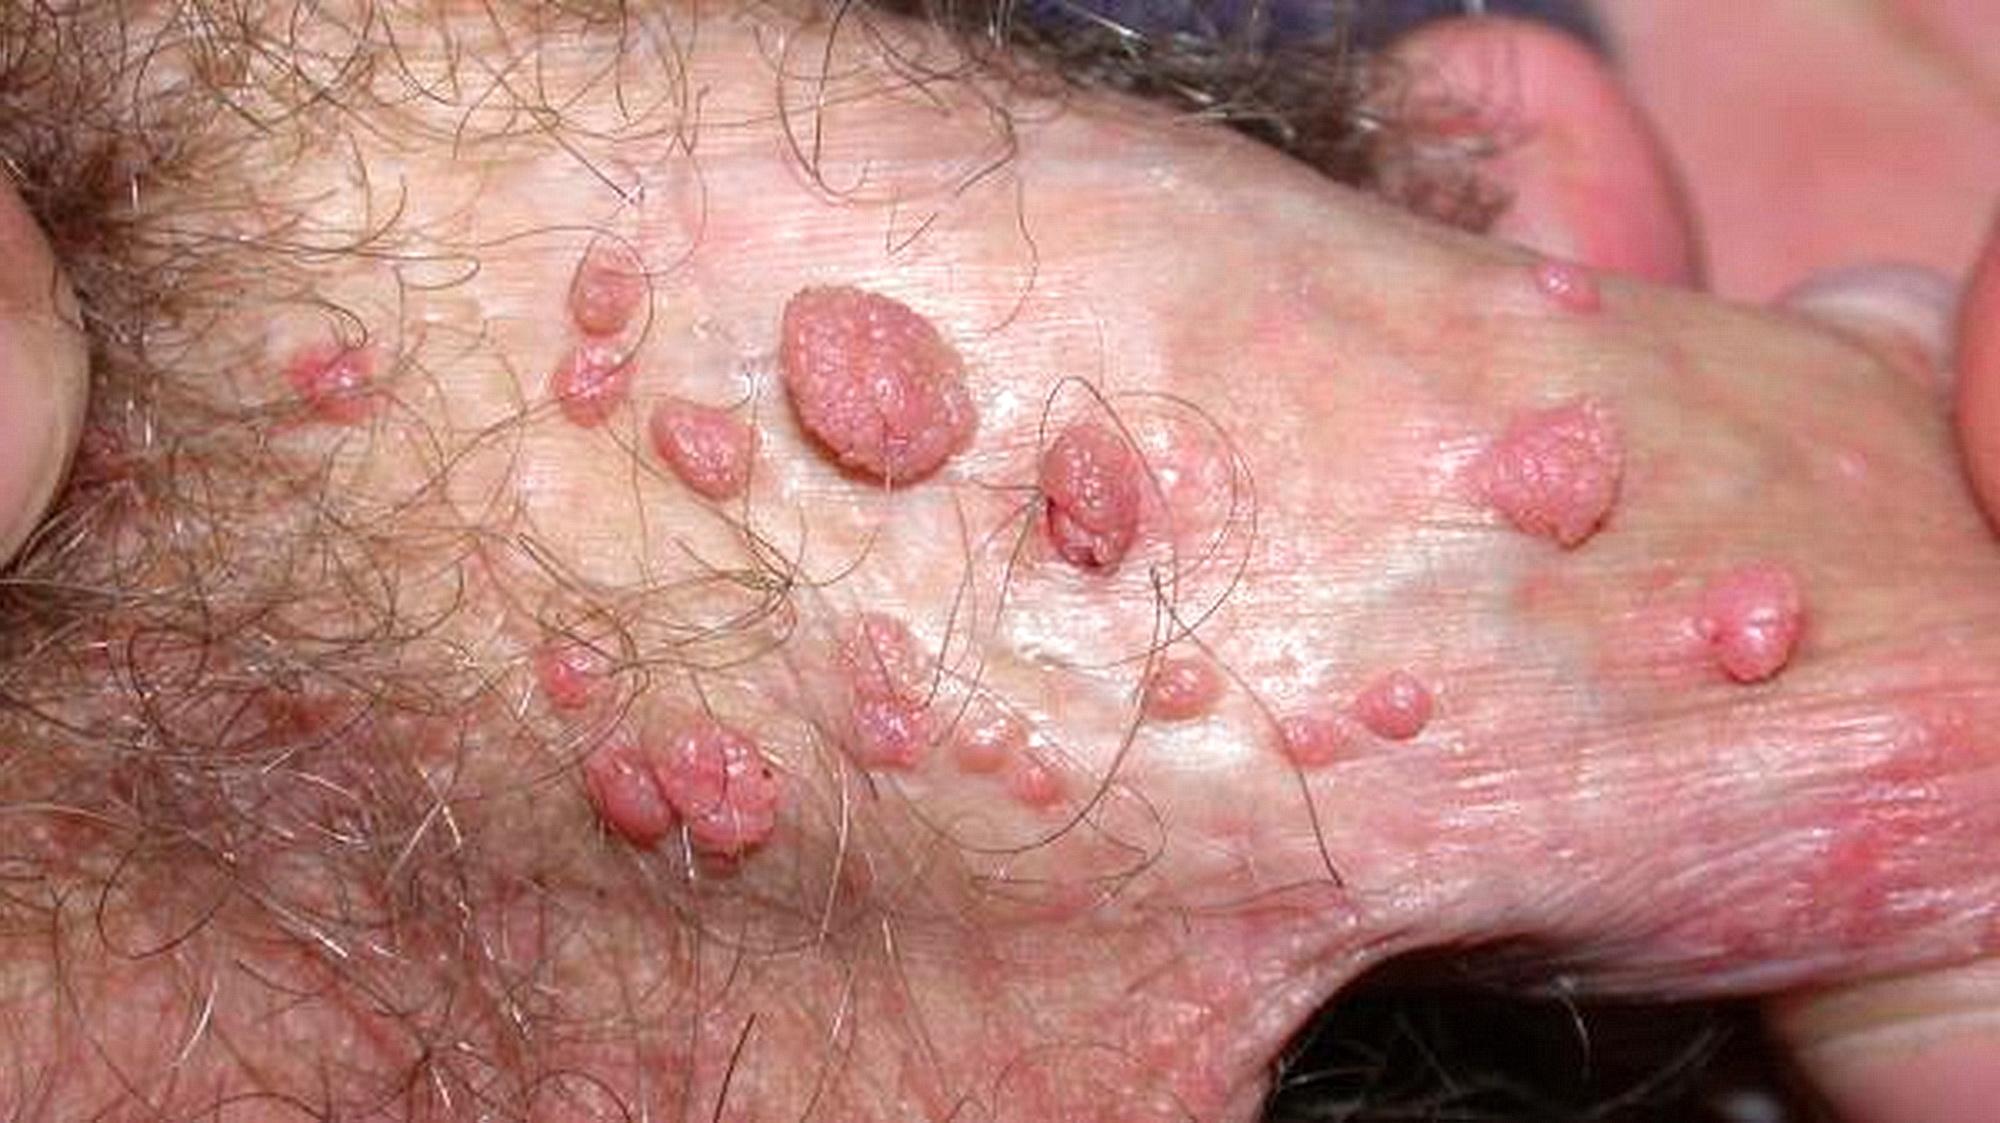 verruche genitali da papillomavirus umano